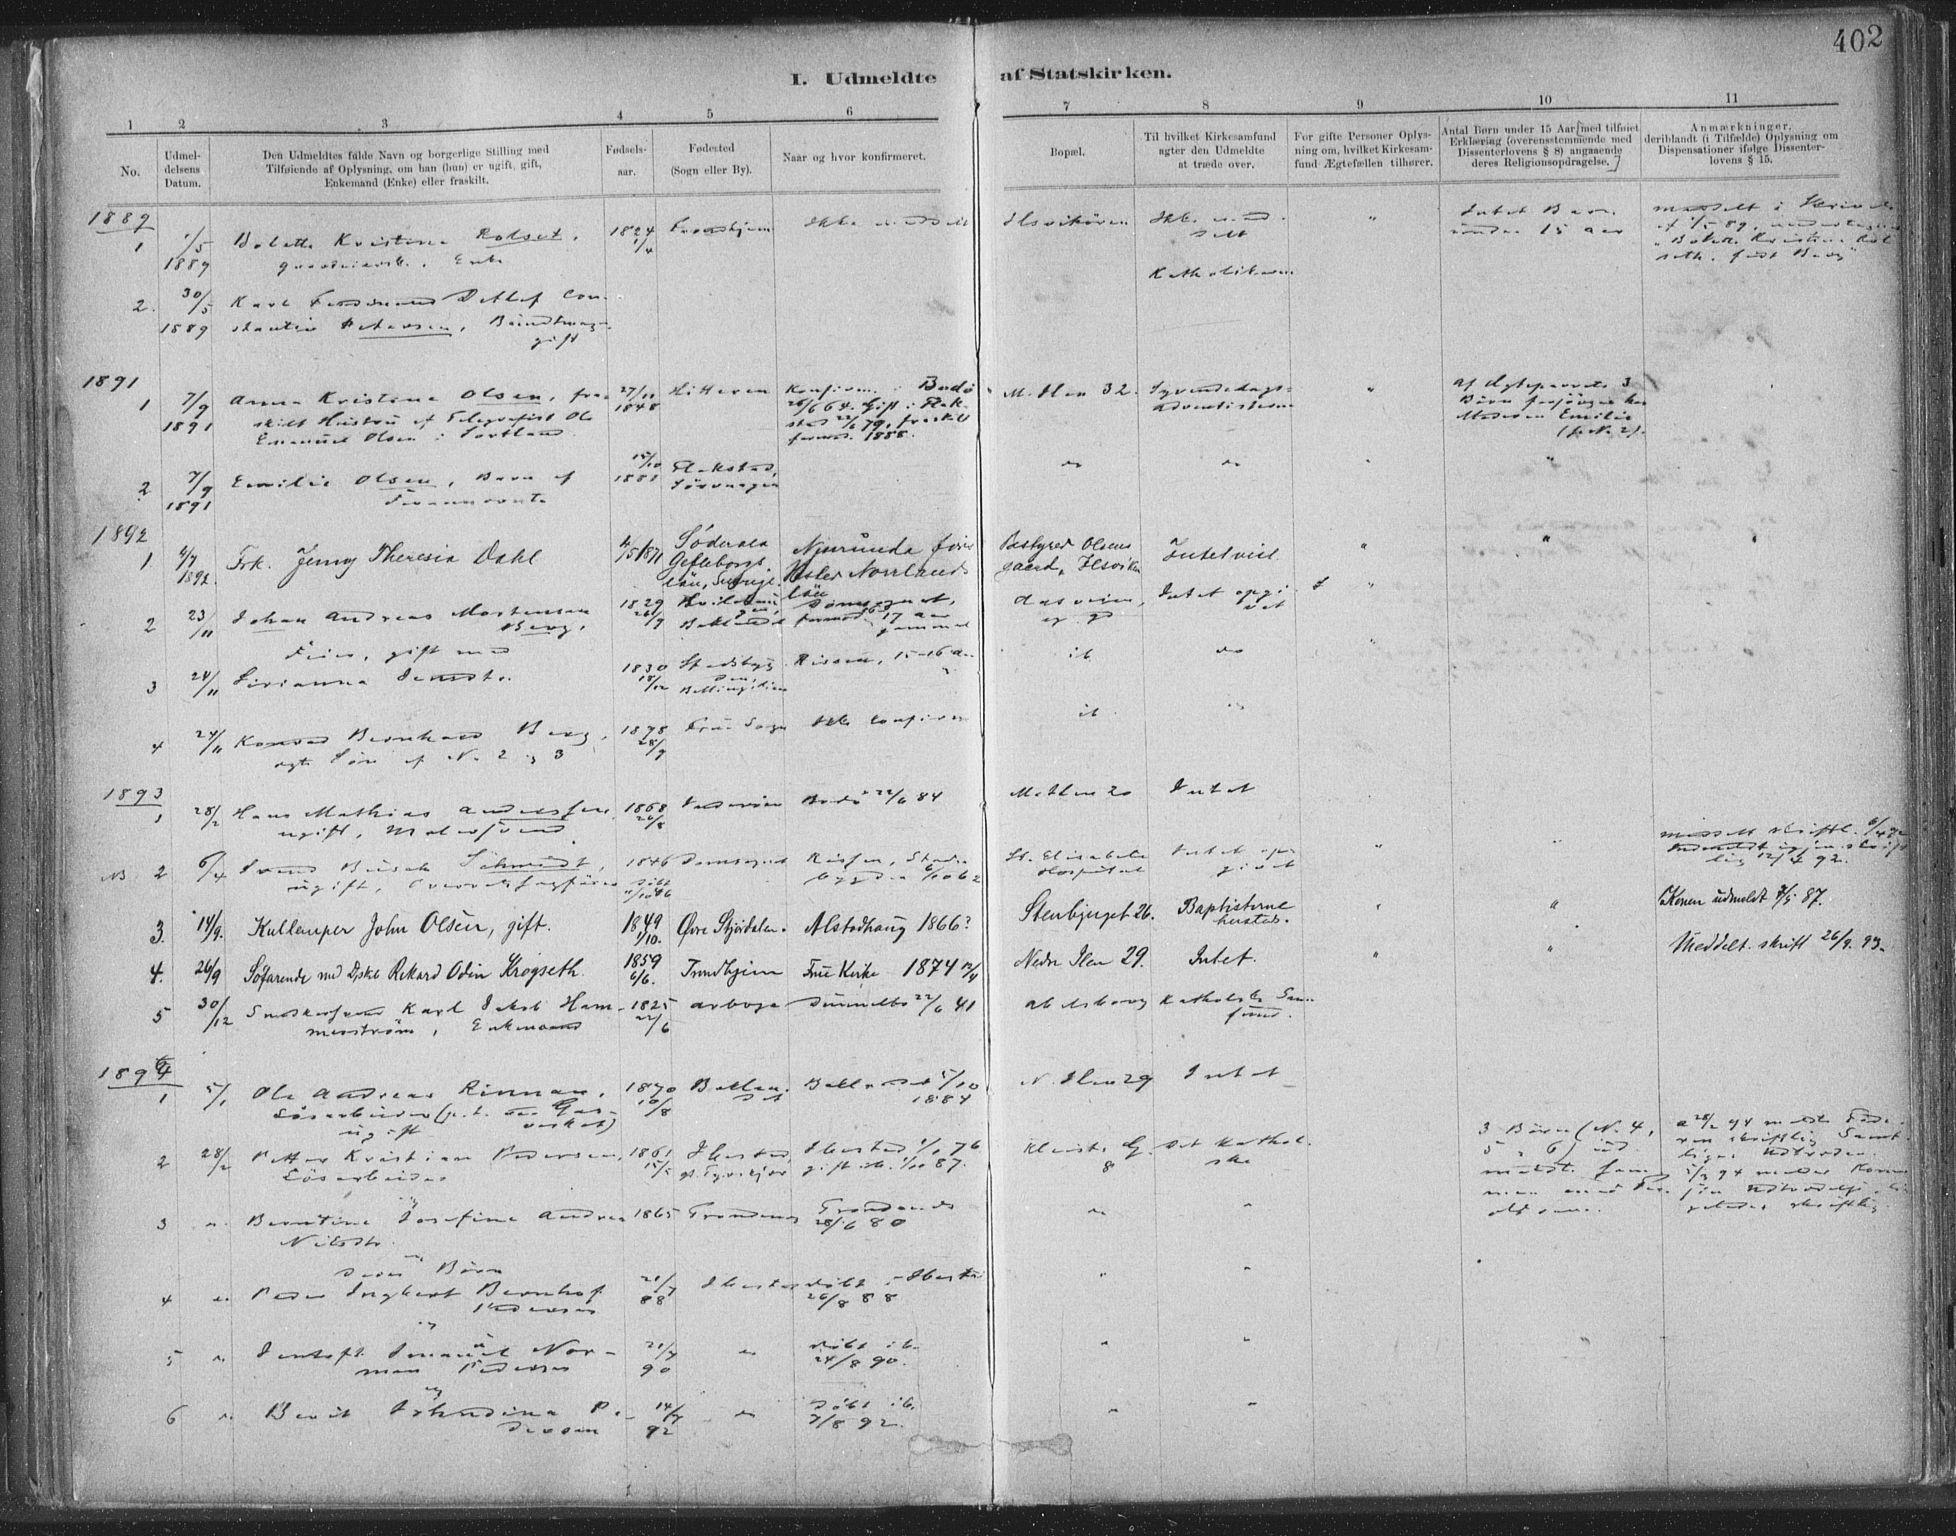 SAT, Ministerialprotokoller, klokkerbøker og fødselsregistre - Sør-Trøndelag, 603/L0163: Ministerialbok nr. 603A02, 1879-1895, s. 402